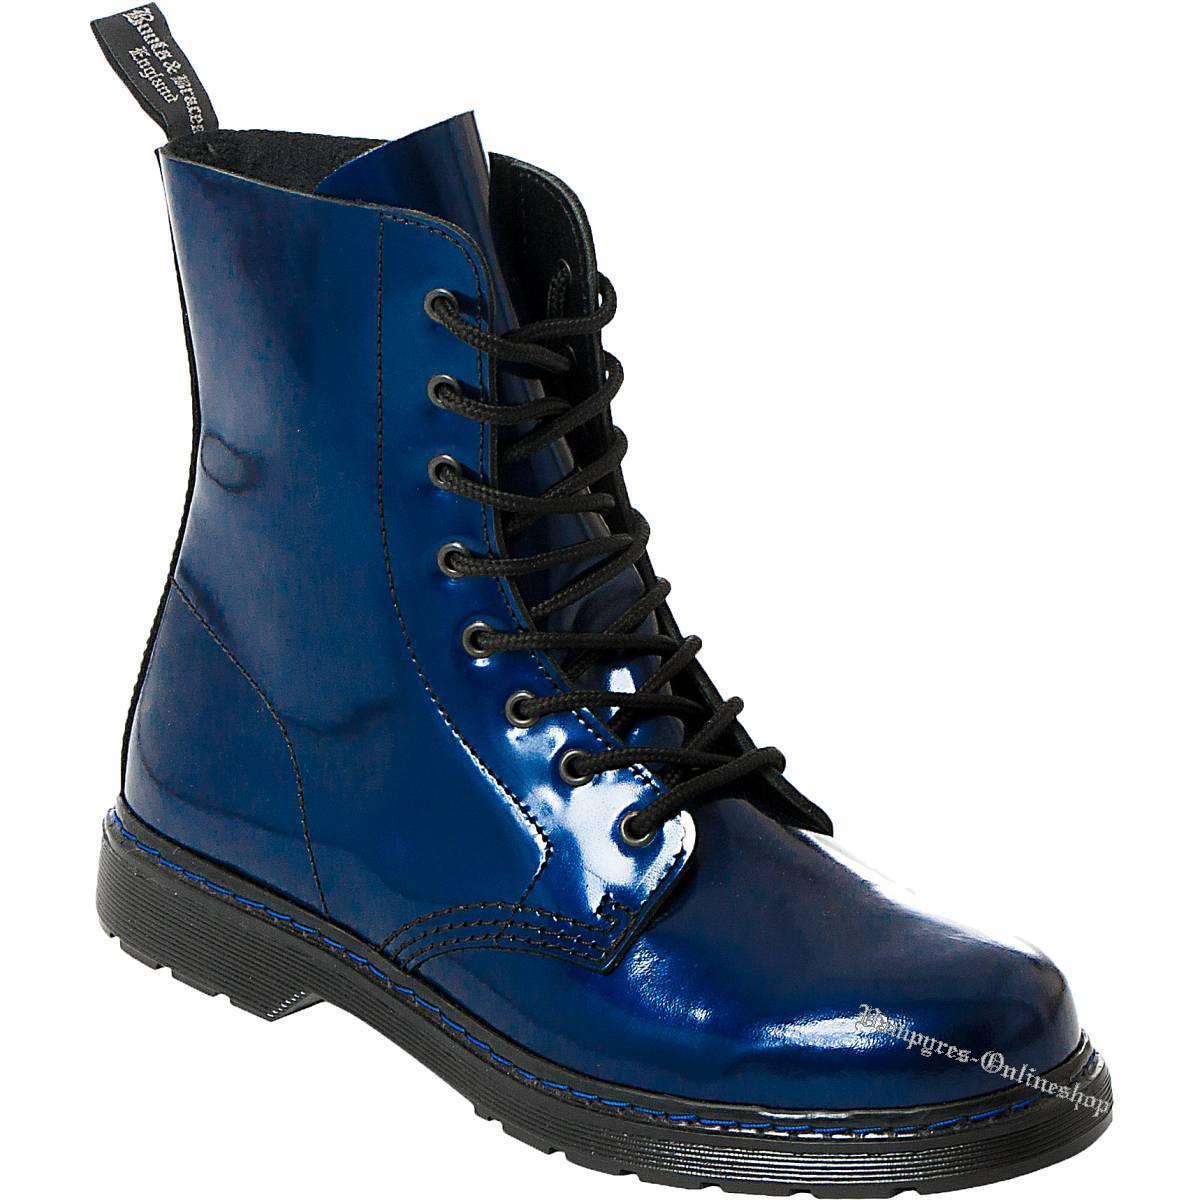 botas And Braces Easy Stiefel 8-Loch Blau Metallic Leder Stiefel Easy Zapatos Azul Bleu Blu 878e6e